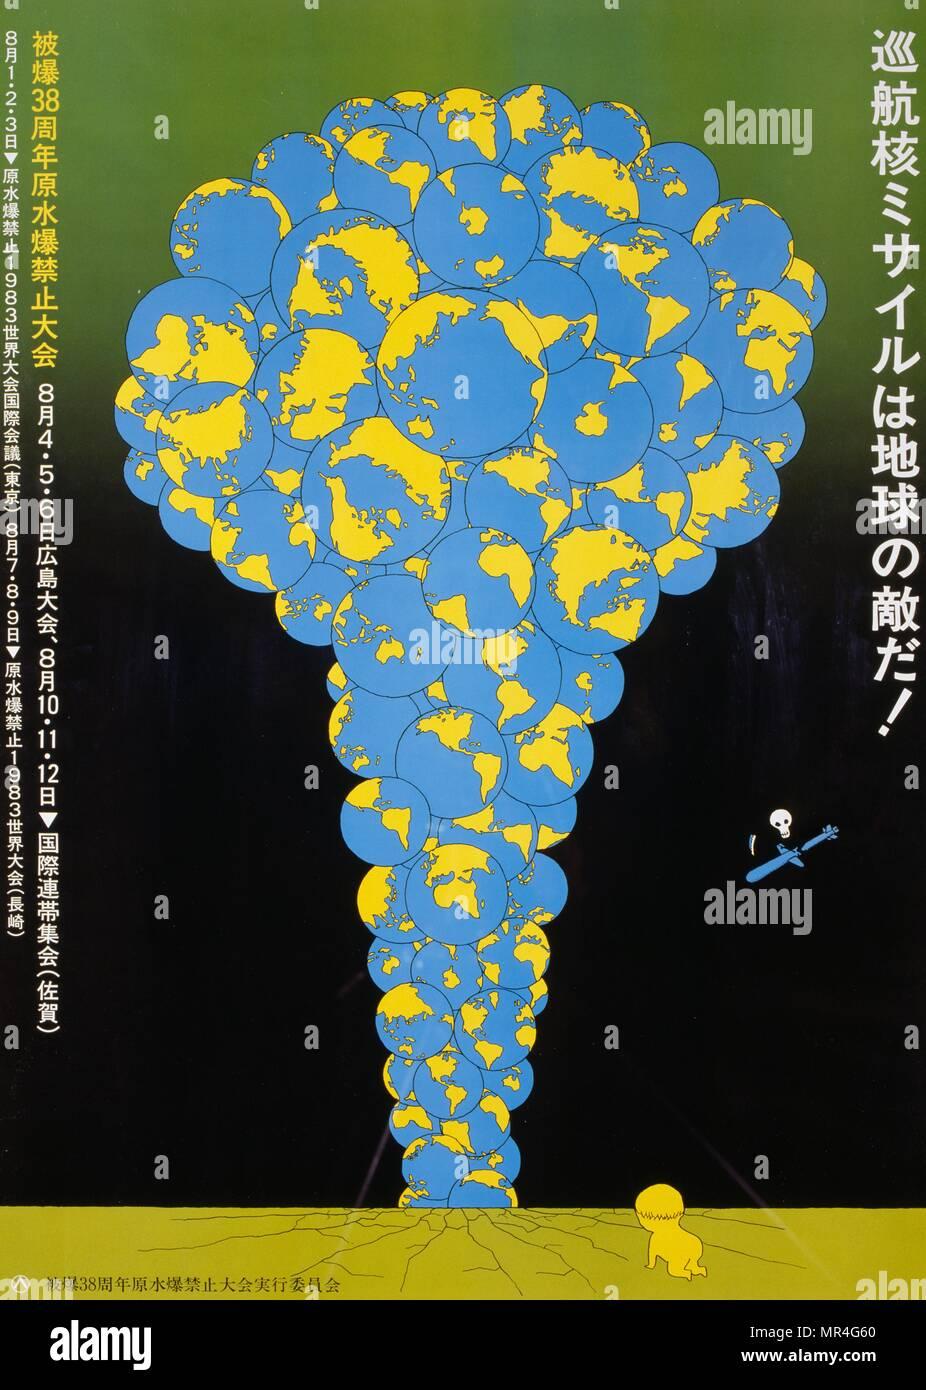 El póster de la campaña de paz japonés durante la guerra fría 1985 Imagen De Stock